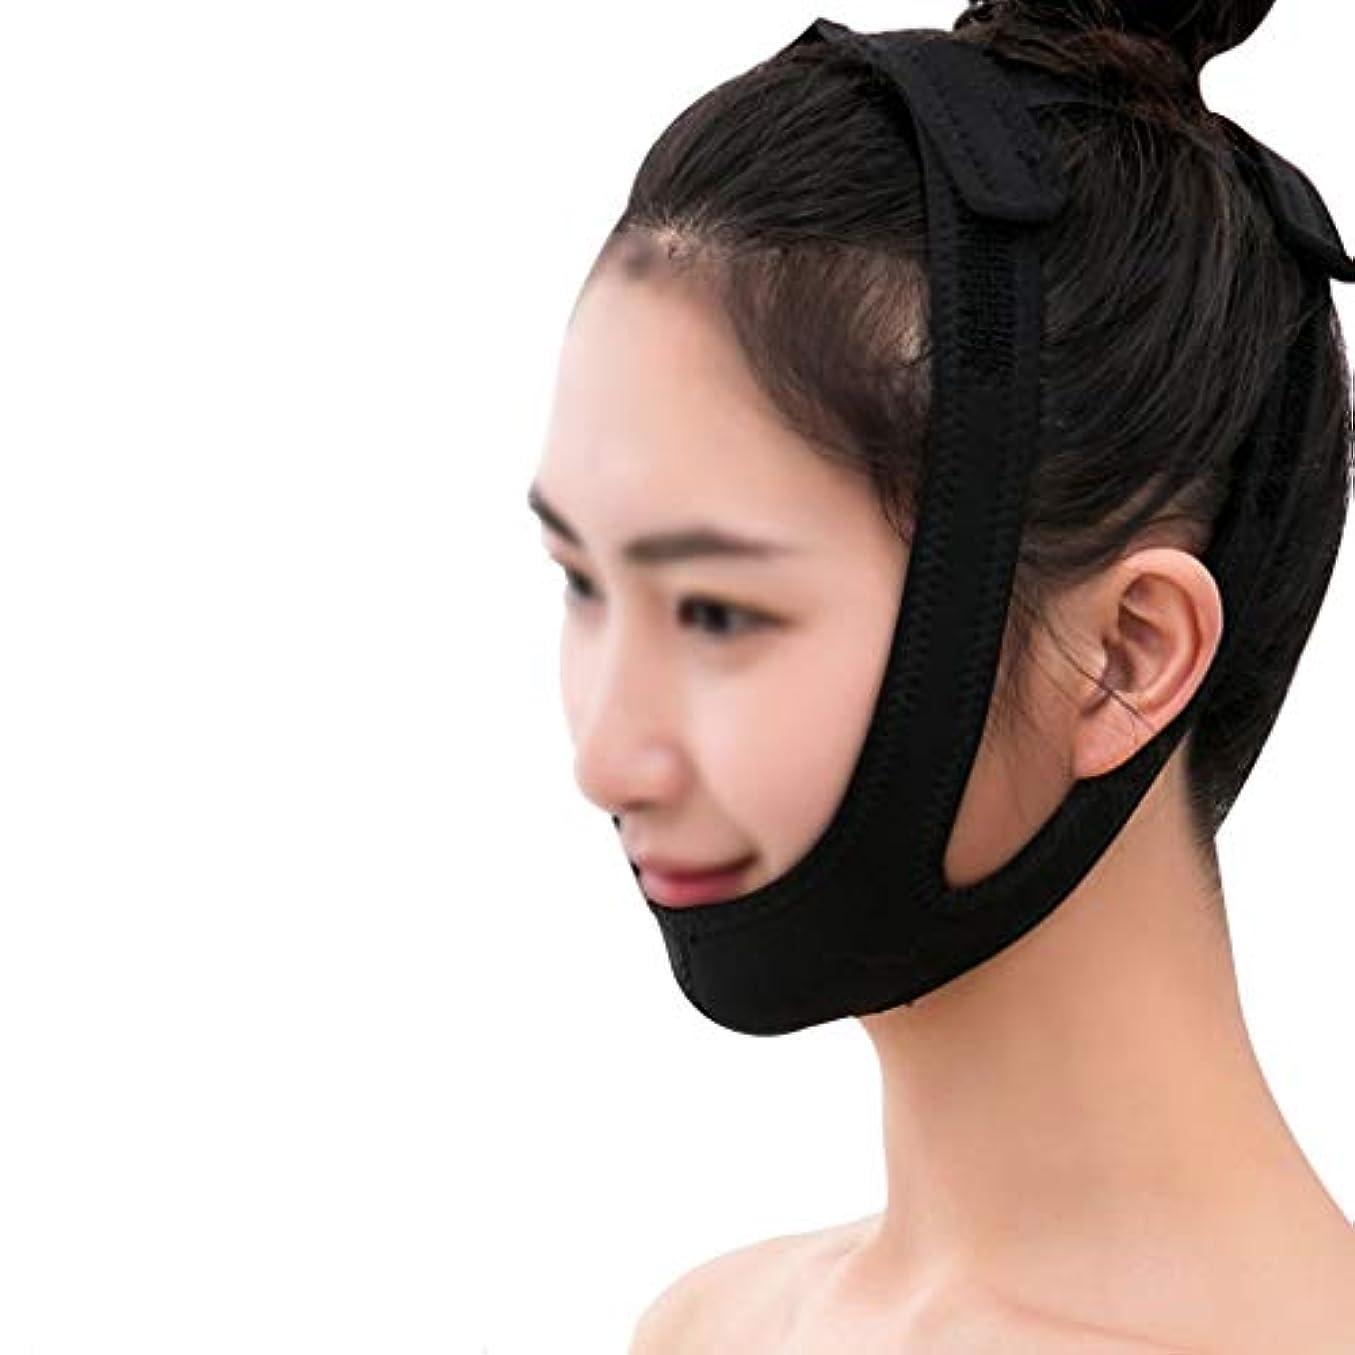 光リーダーシップ地殻GLJJQMY 顔を持ち上げる包帯術後の顔面回復包帯持ち上がる引き締め肌抗しわ痩身二重あご包帯 顔用整形マスク